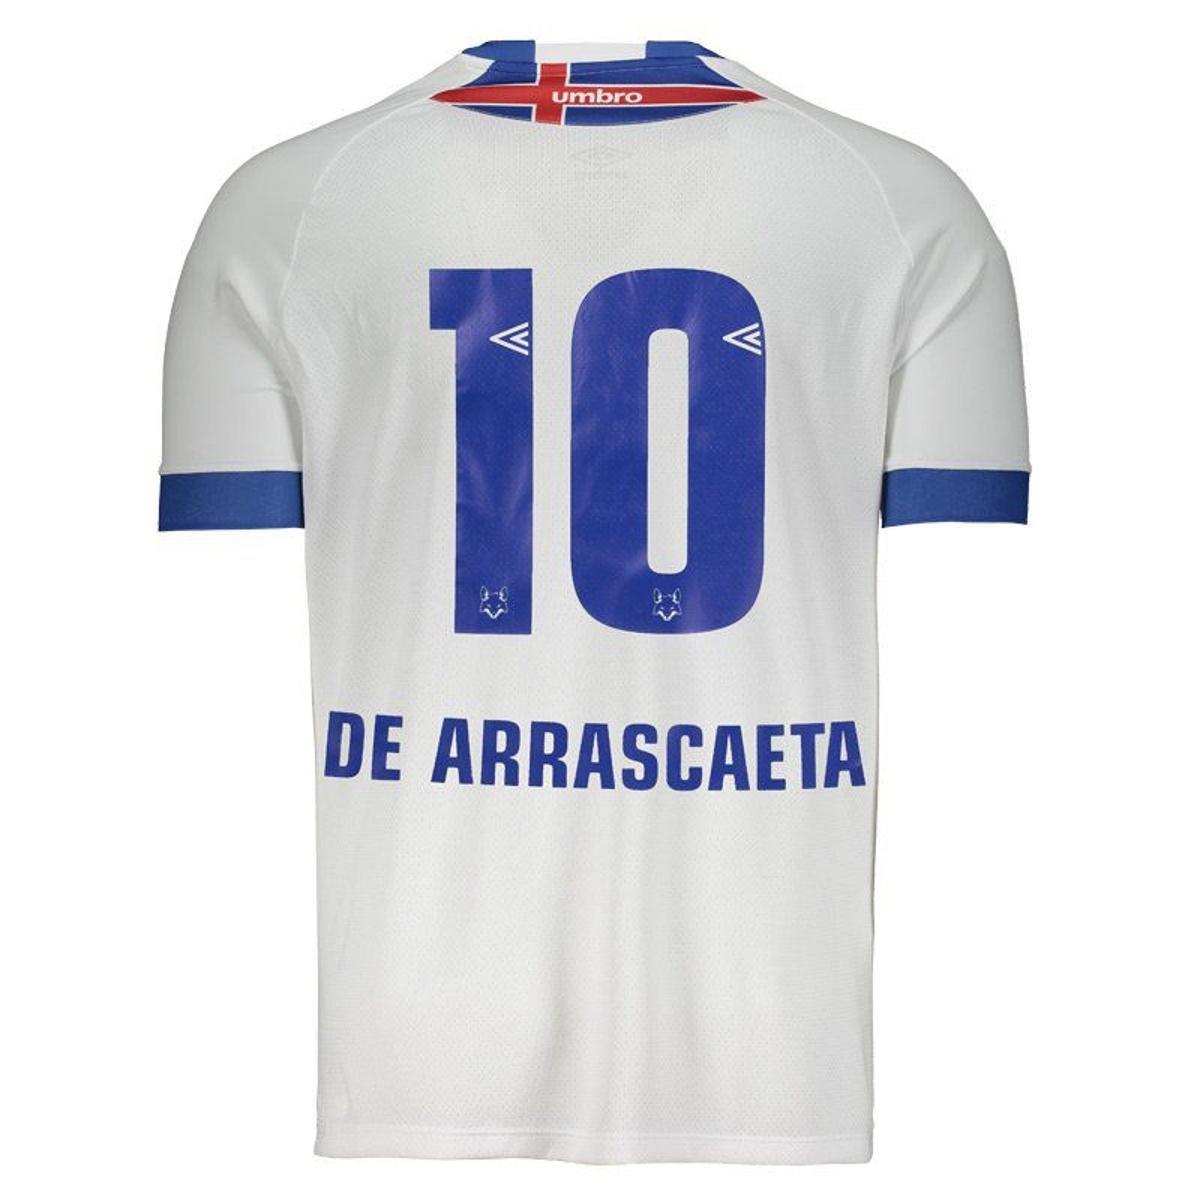 Camisa Umbro Cruzeiro Nº10 De Arrascaeta II 2018 Masculina - Compre Agora  9f233971f87d3